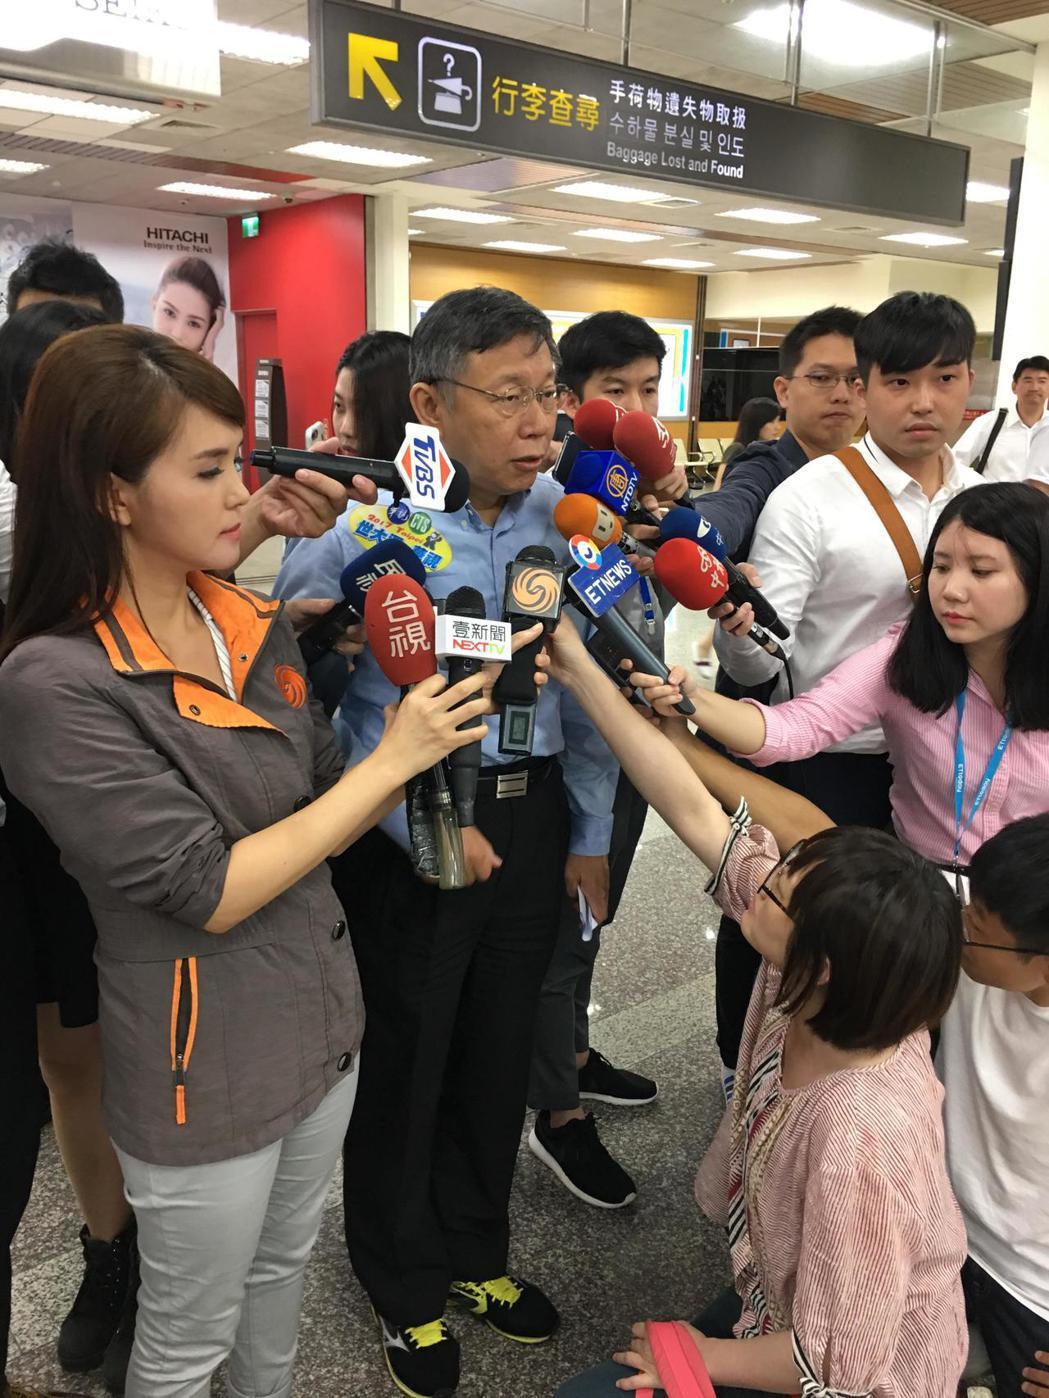 台北市長柯文哲出席上海雙城論壇,西裝配球鞋打扮,曾引發大陸網友熱議。 本報資料照...